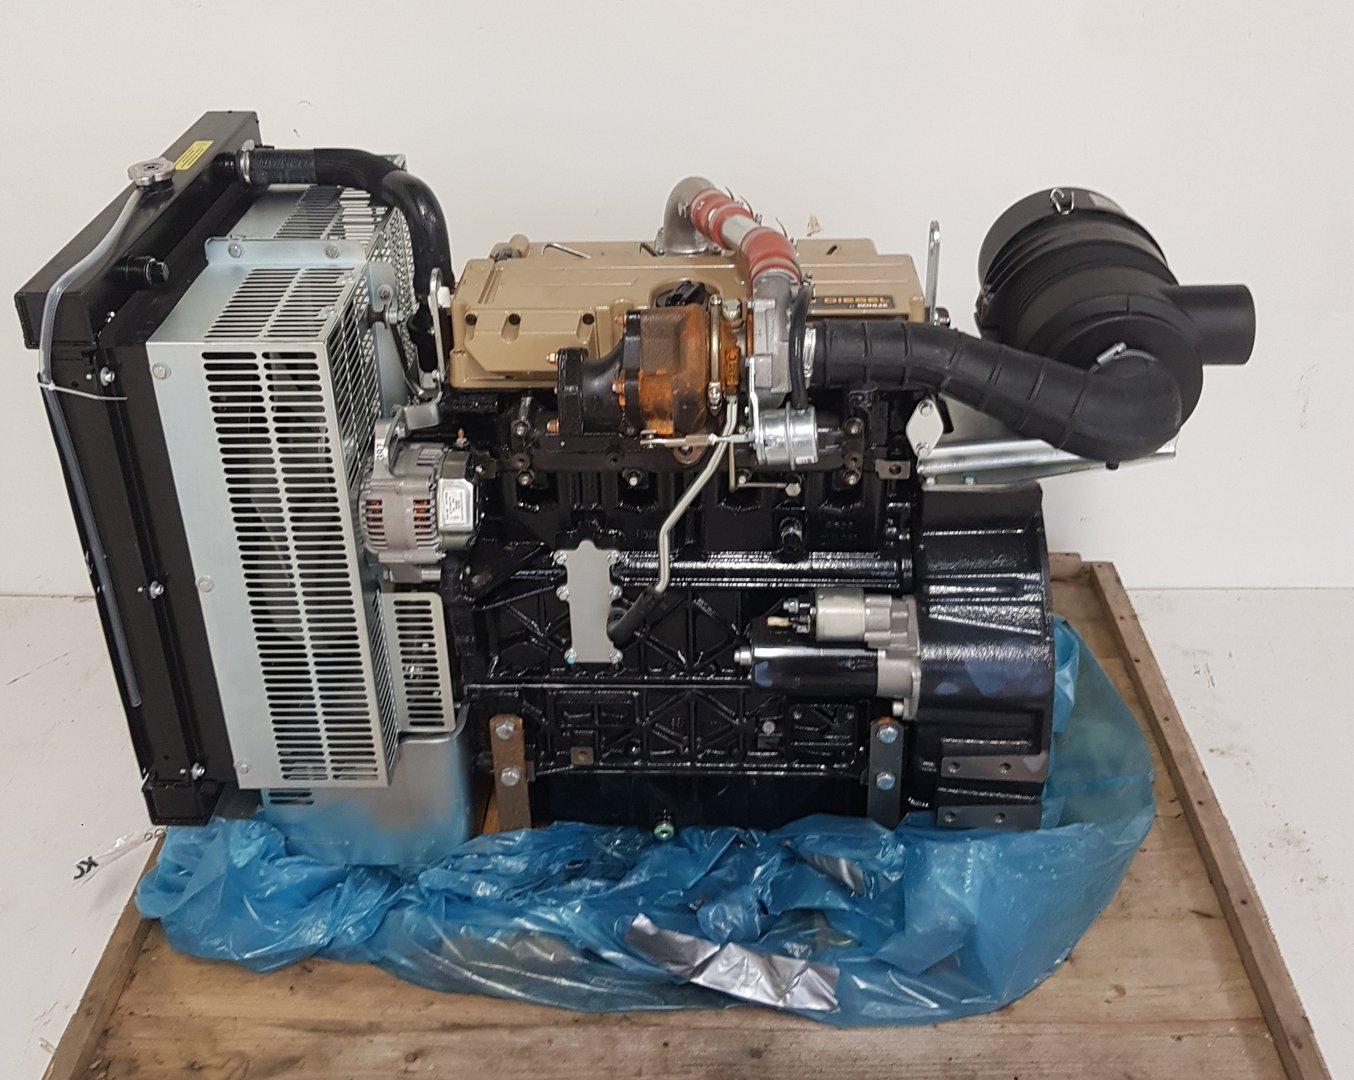 New Kohler KDI2504TM IOPU E125